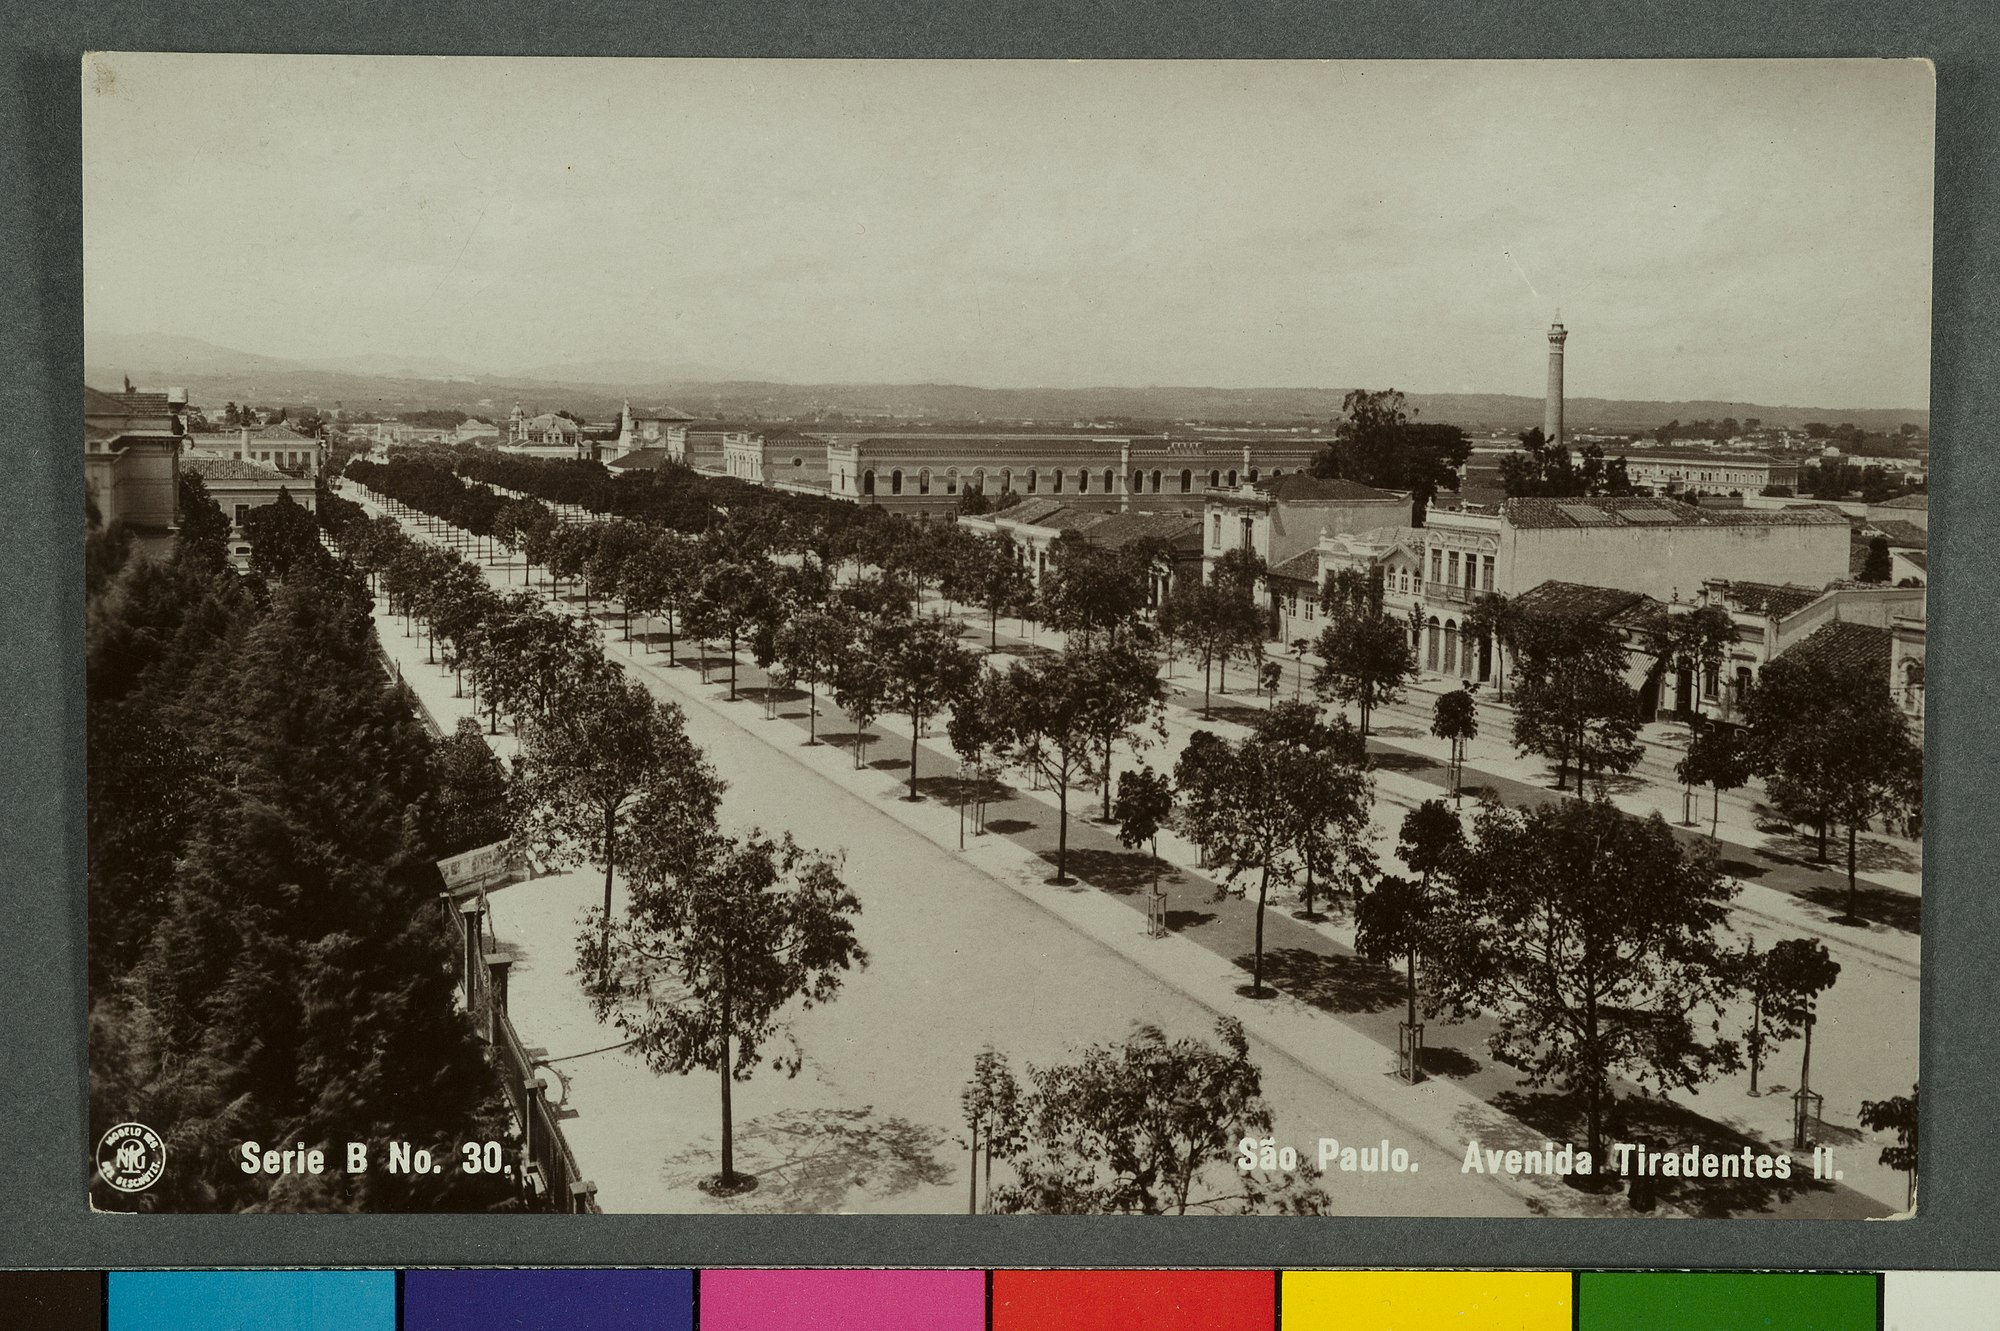 São Paulo. Avenida Tiradentes II